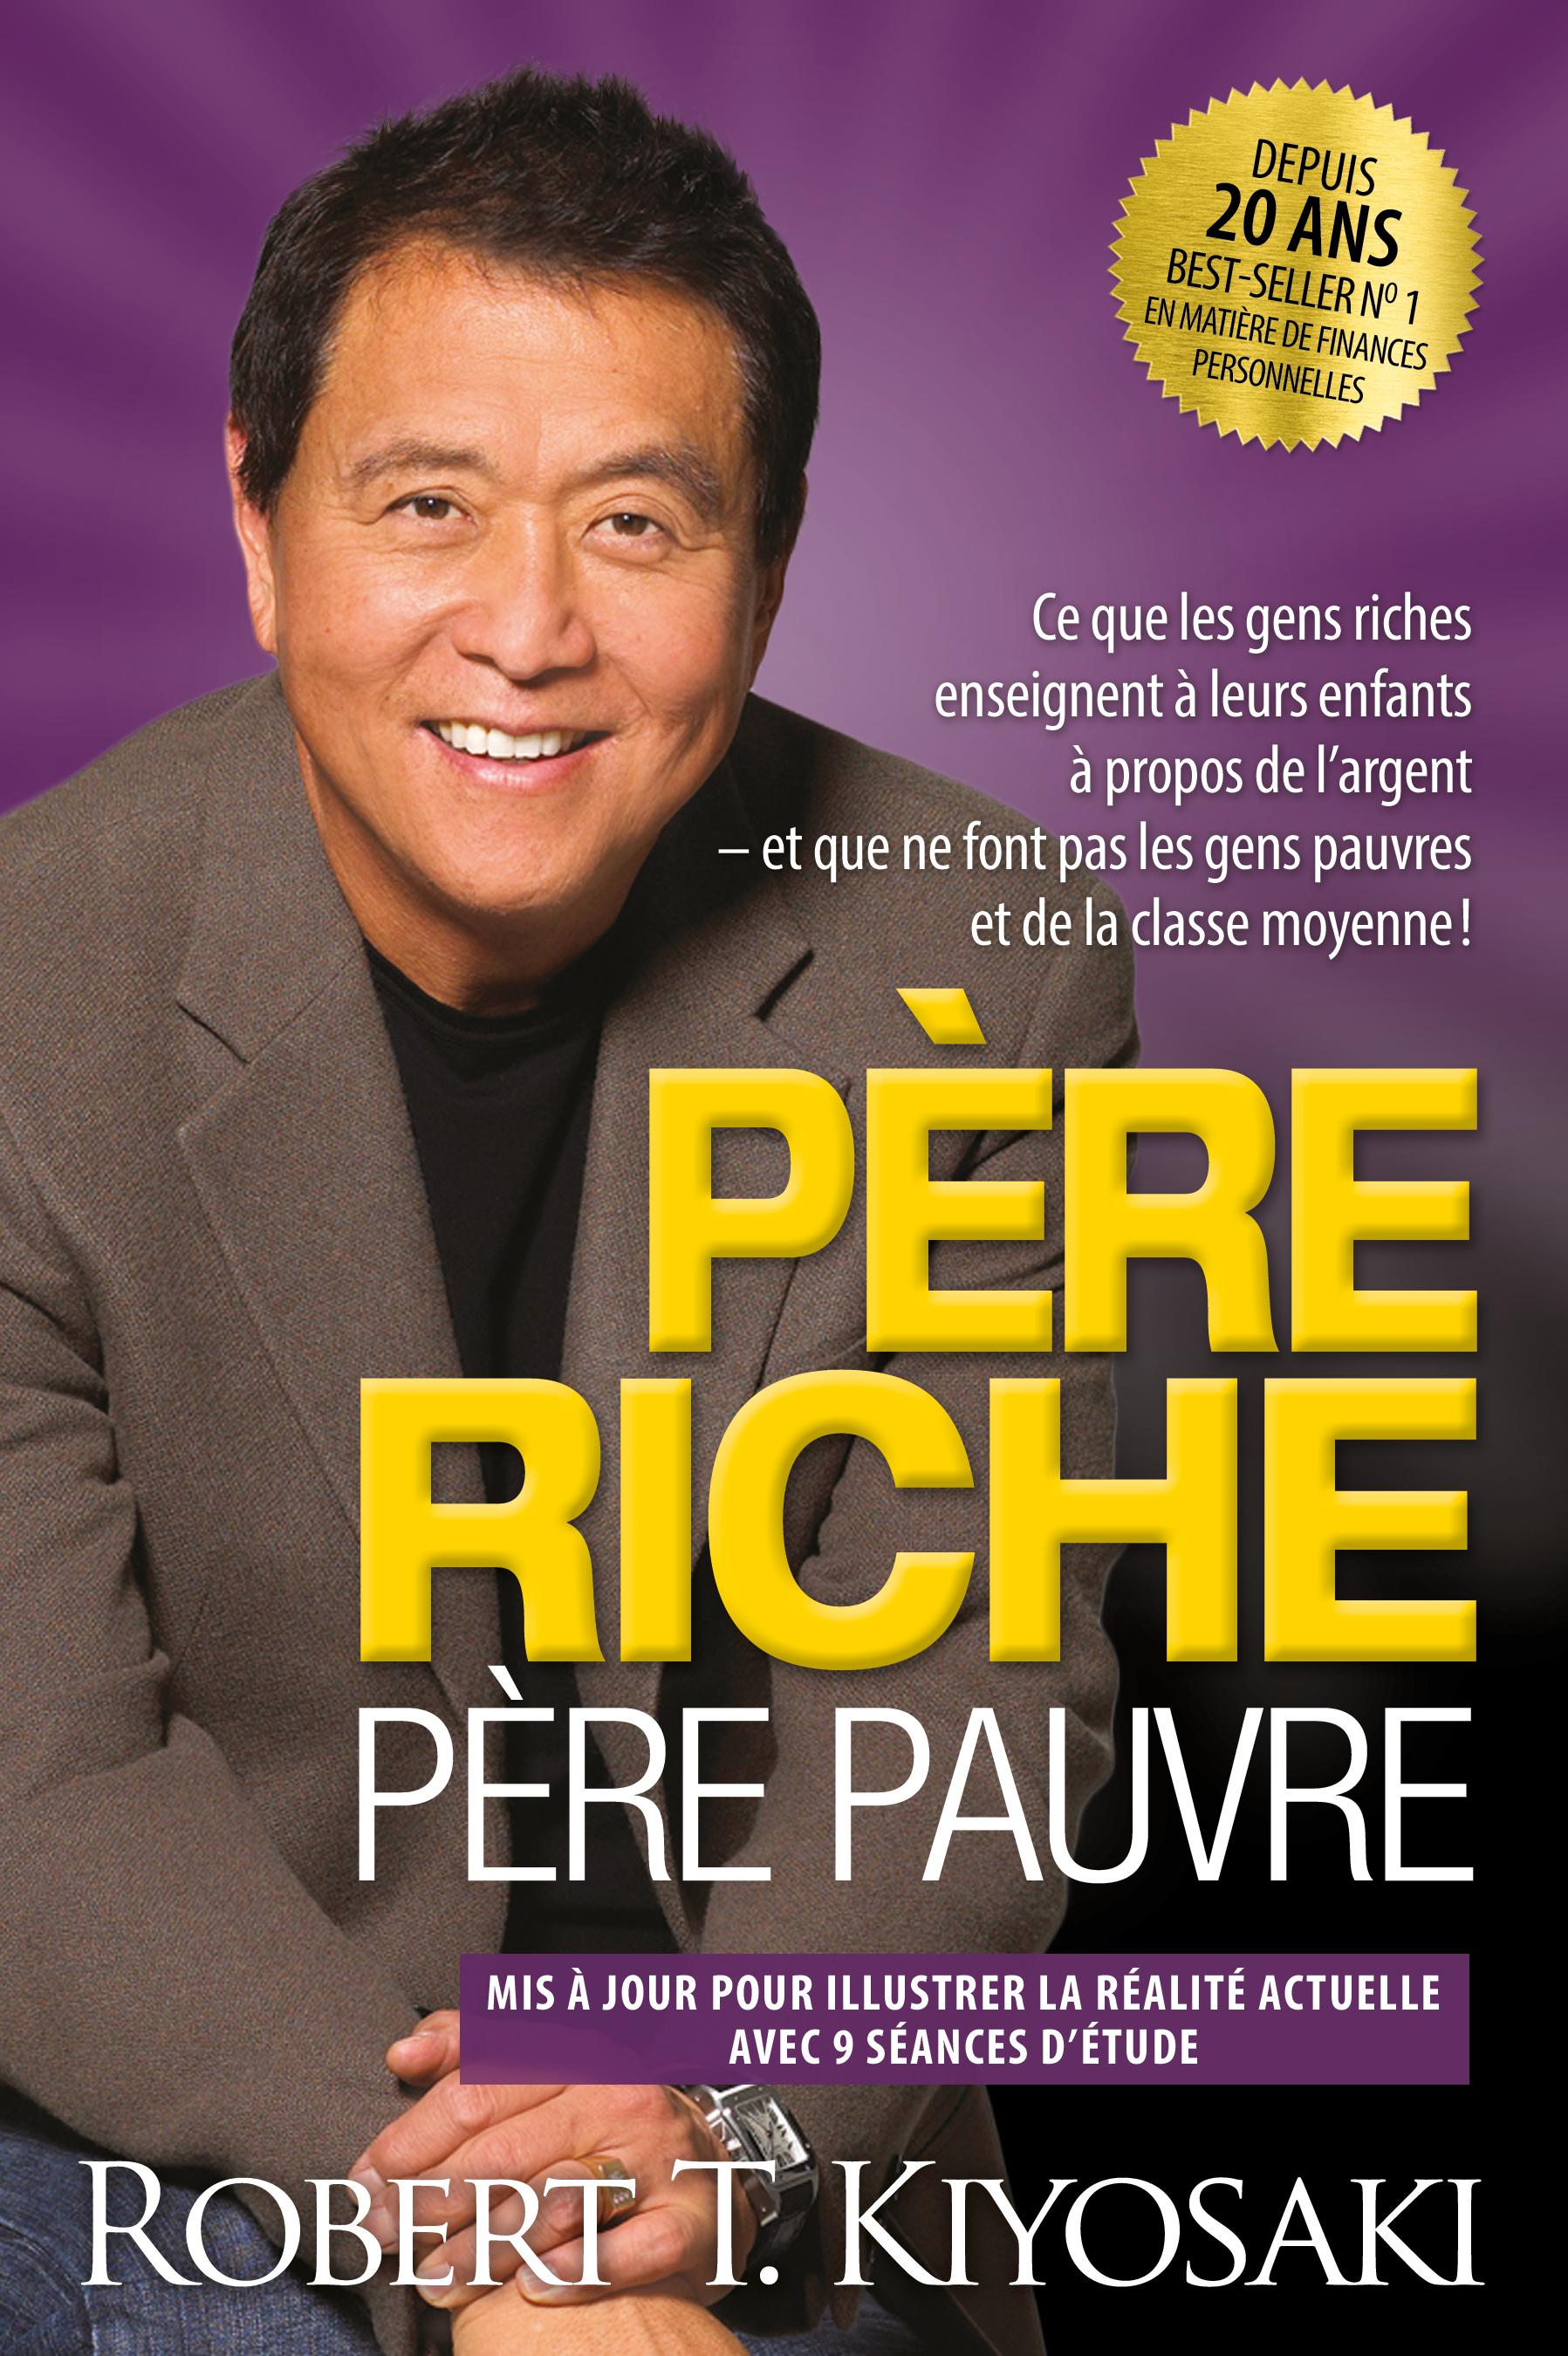 PÈRE RICHE, PÈRE PAUVRE /ÉDITION 20e anniversaire